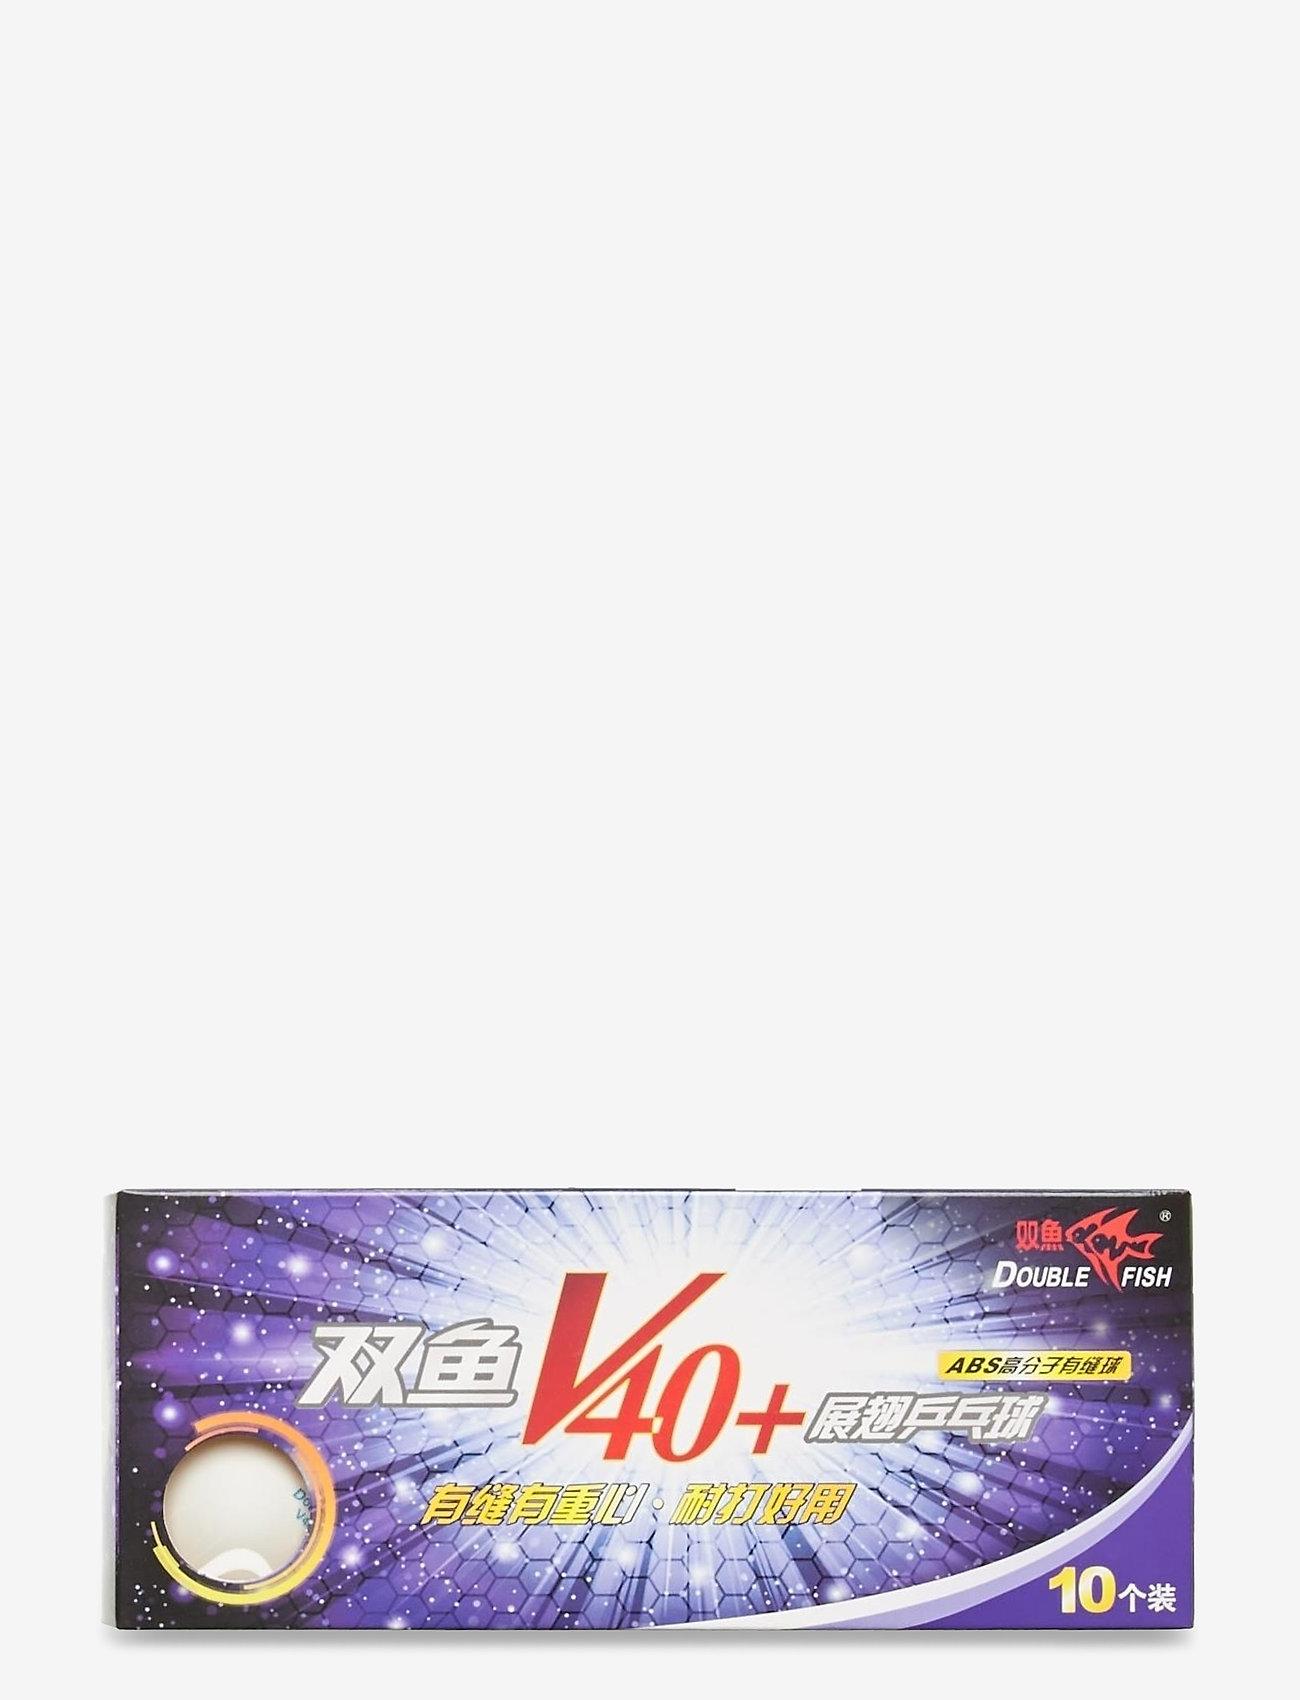 Double Fish - 40+0-star Table Tennis Ball (10 pcs.) - ballen en accessoires - 1002 white - 1